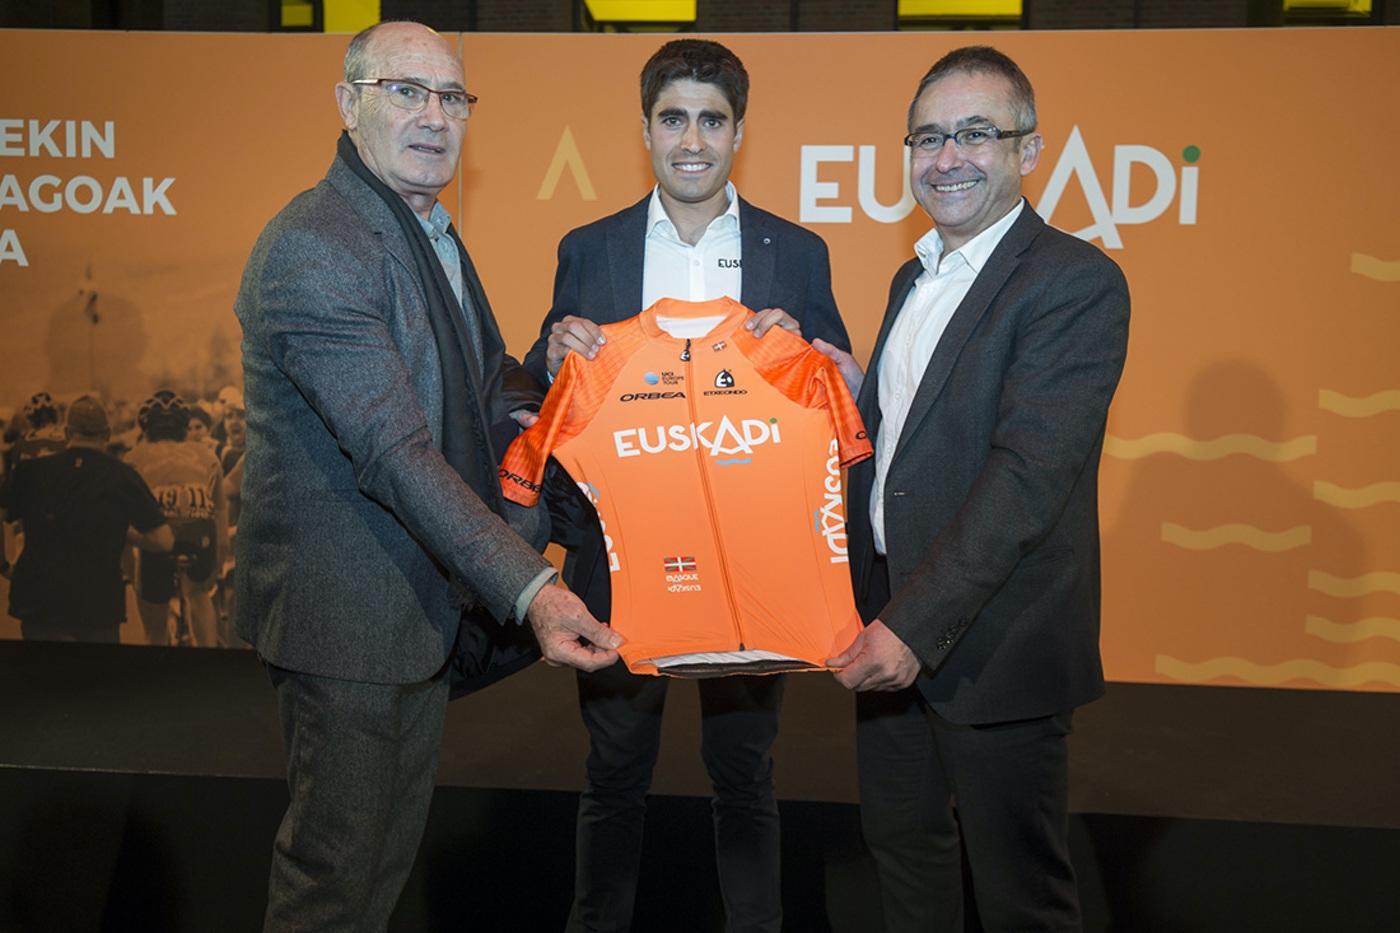 Fundación Euskadi 2018